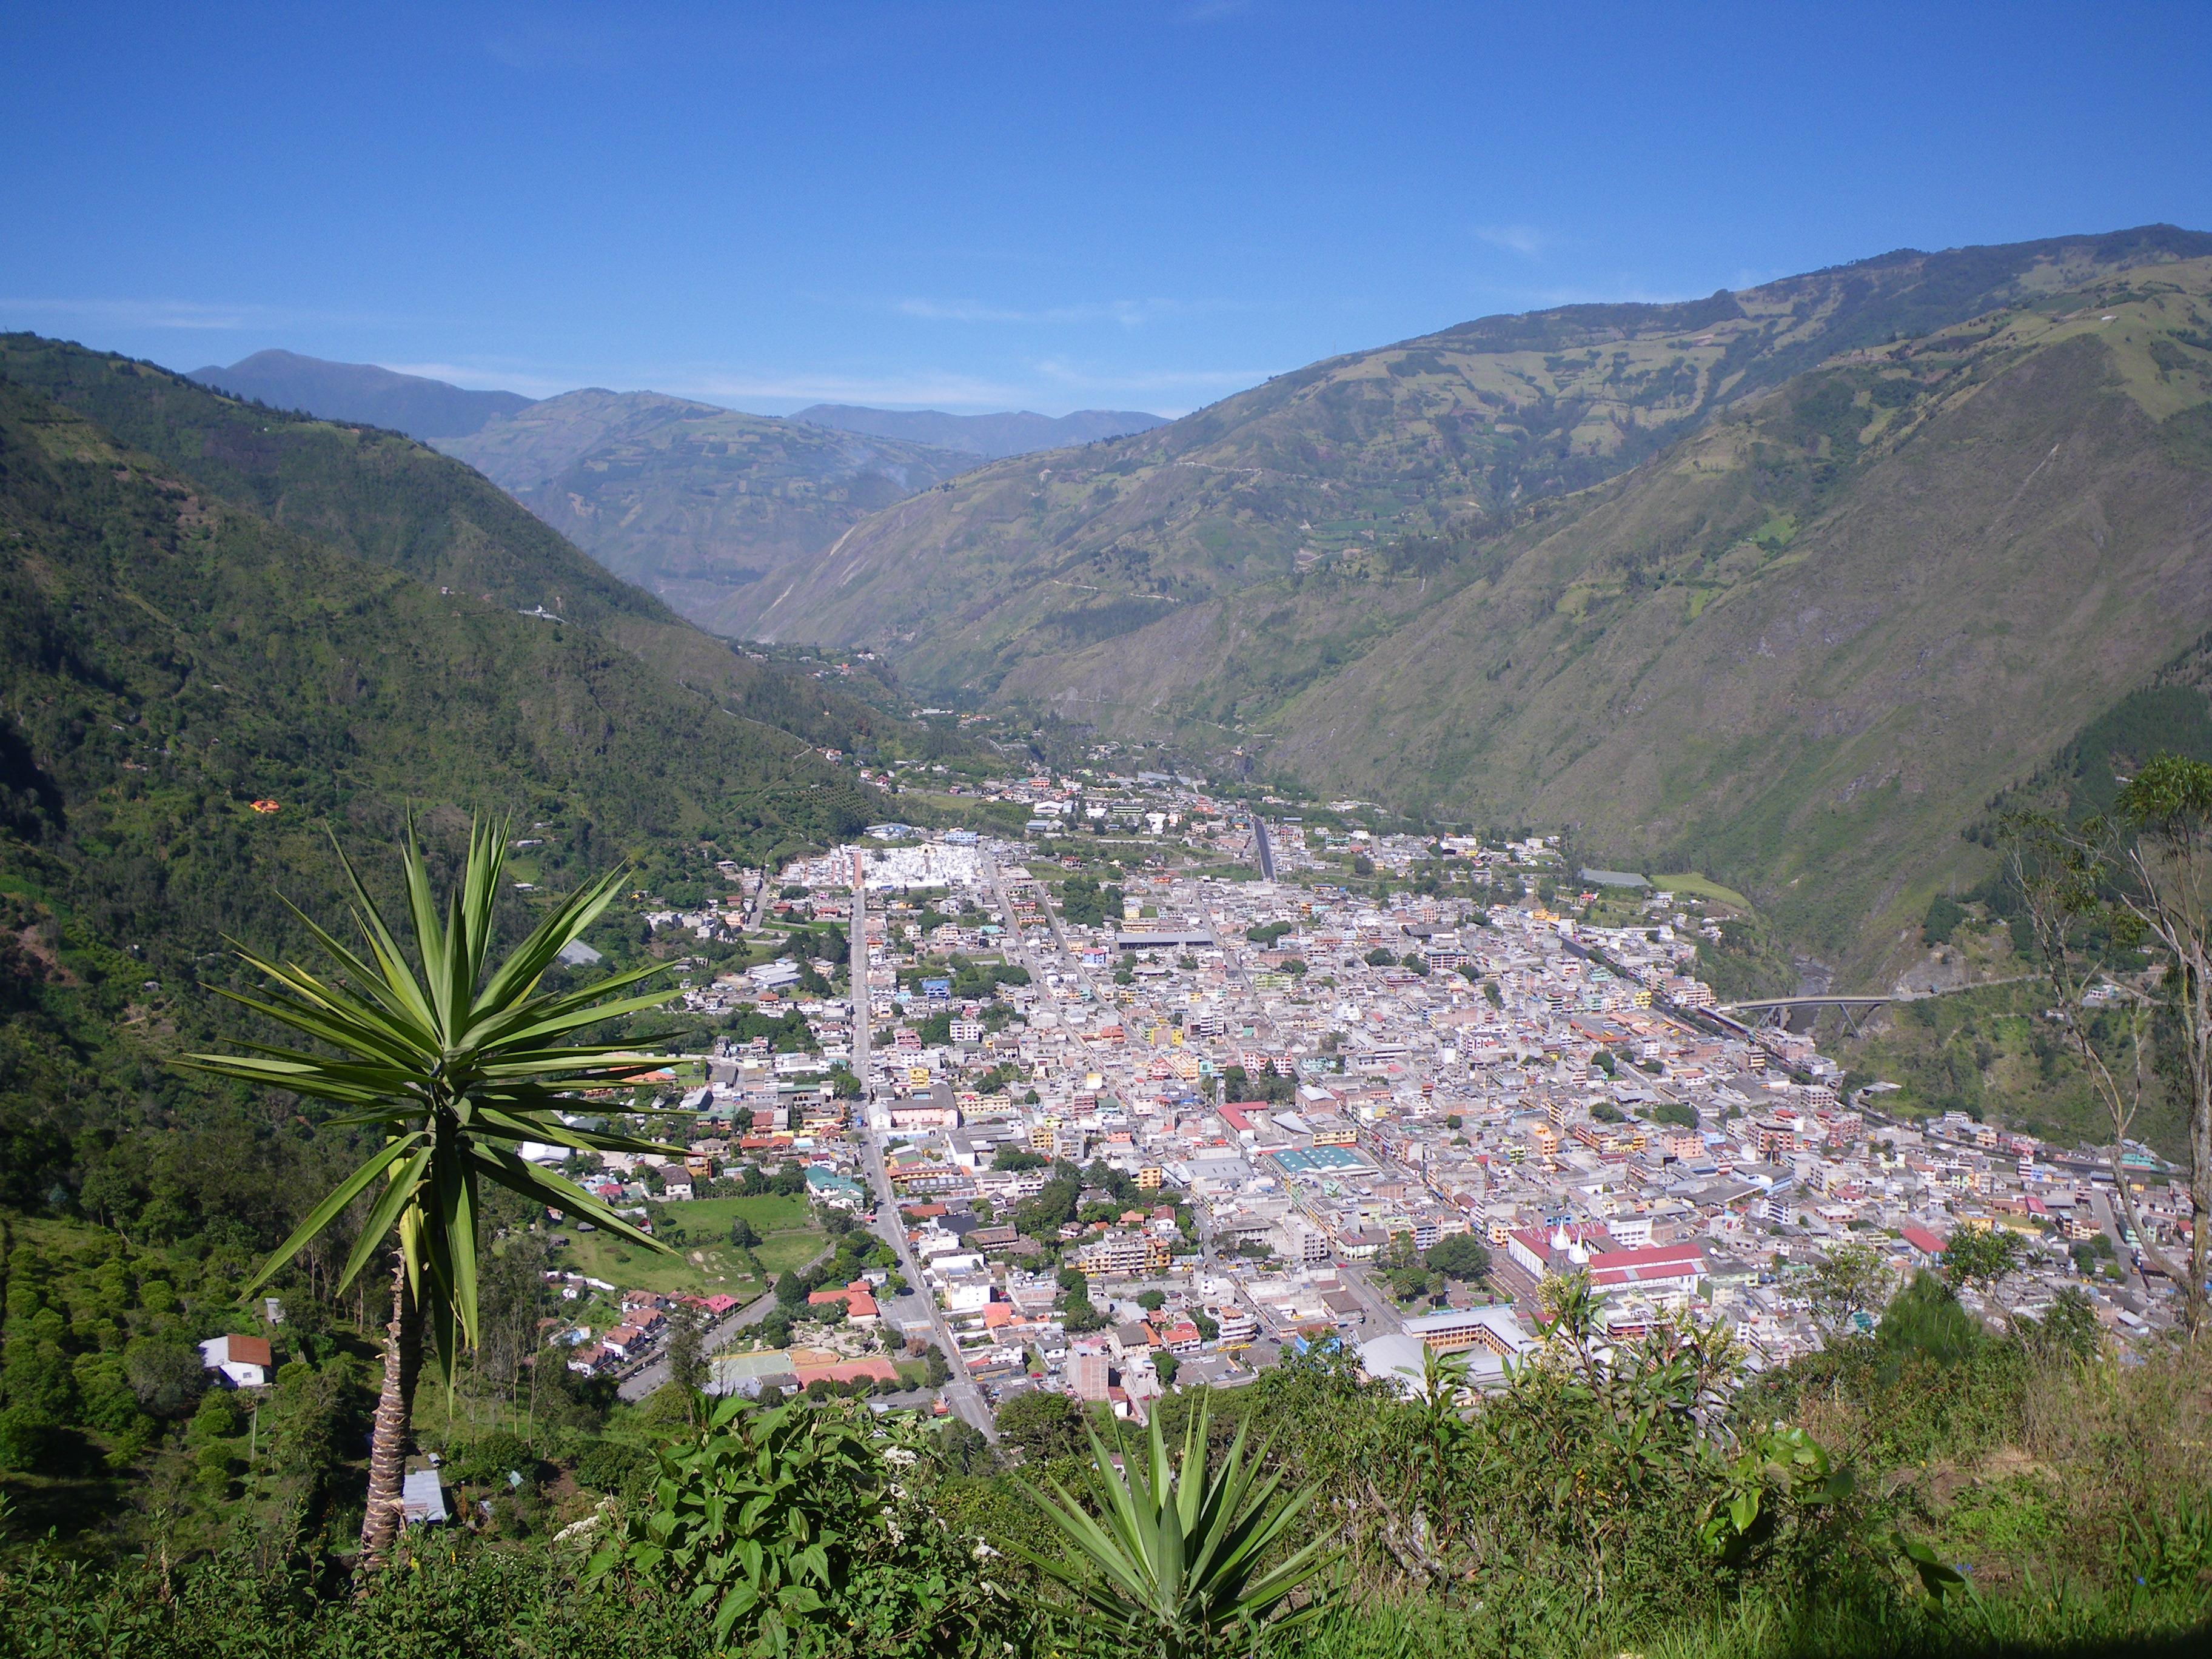 Imagenes De Baños Ambato:Banos Ecuador